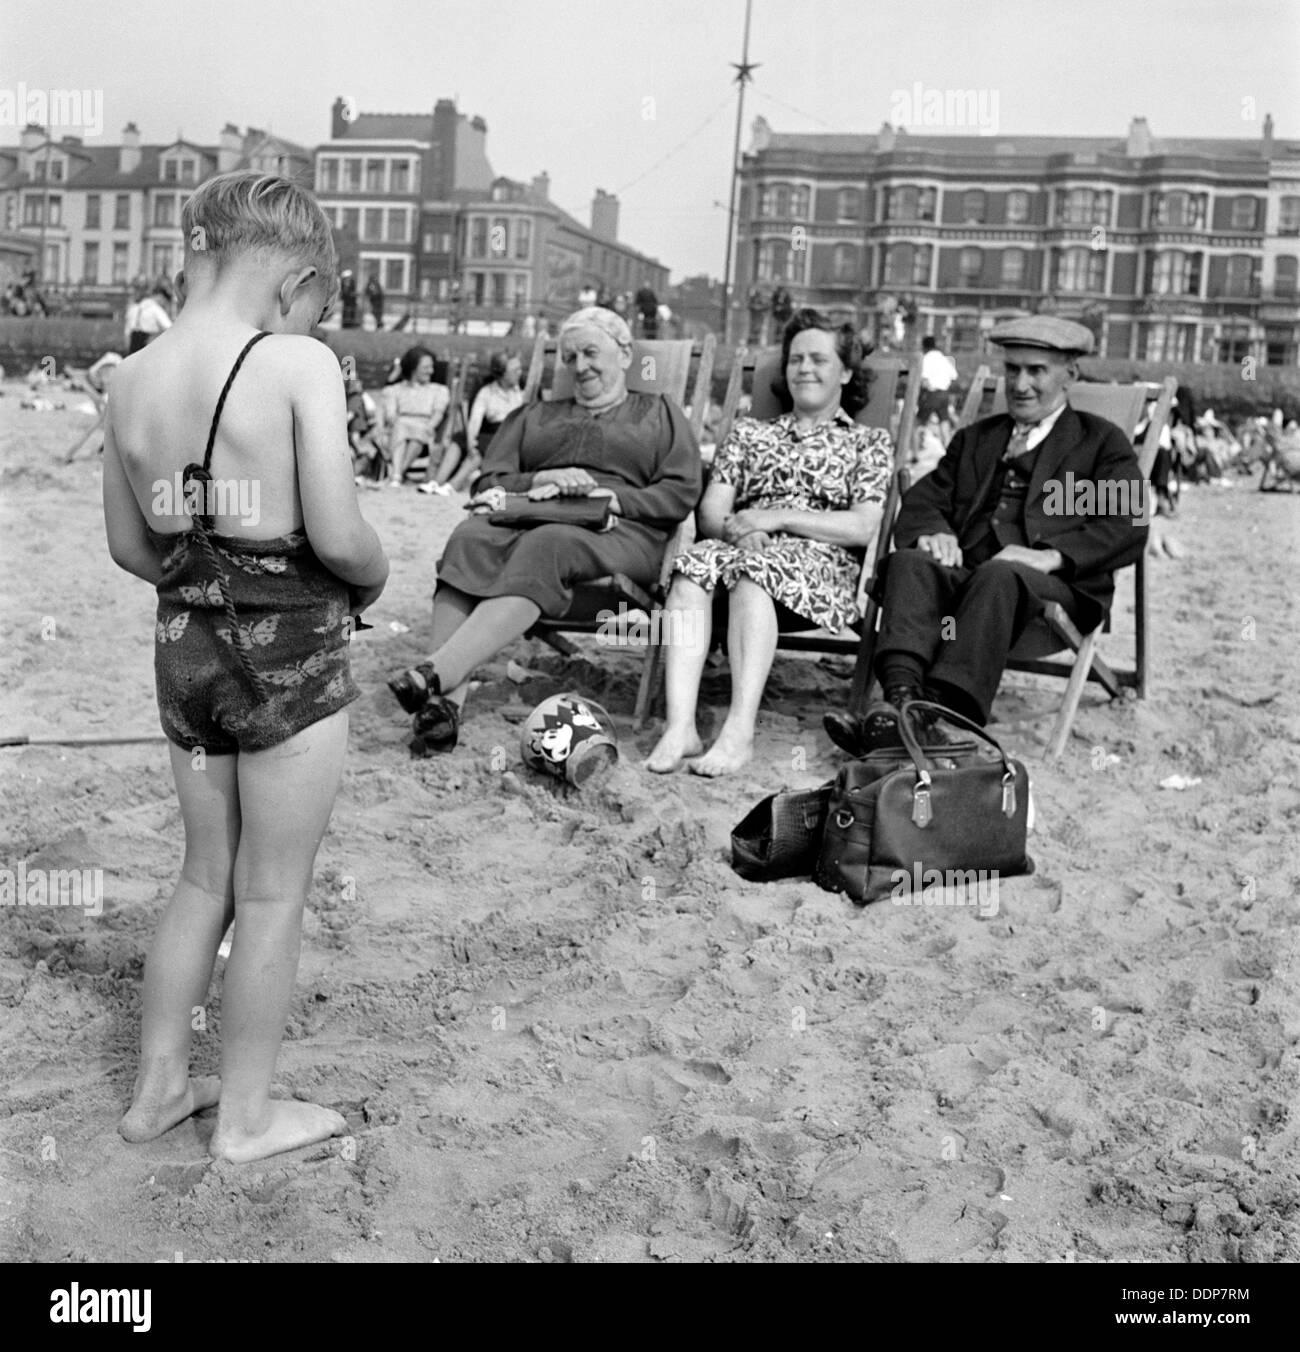 Photographies d'un enfant à sa mère et les grands-parents sur la plage, à Blackpool, c1946-c1955. Artiste: John Gay Photo Stock